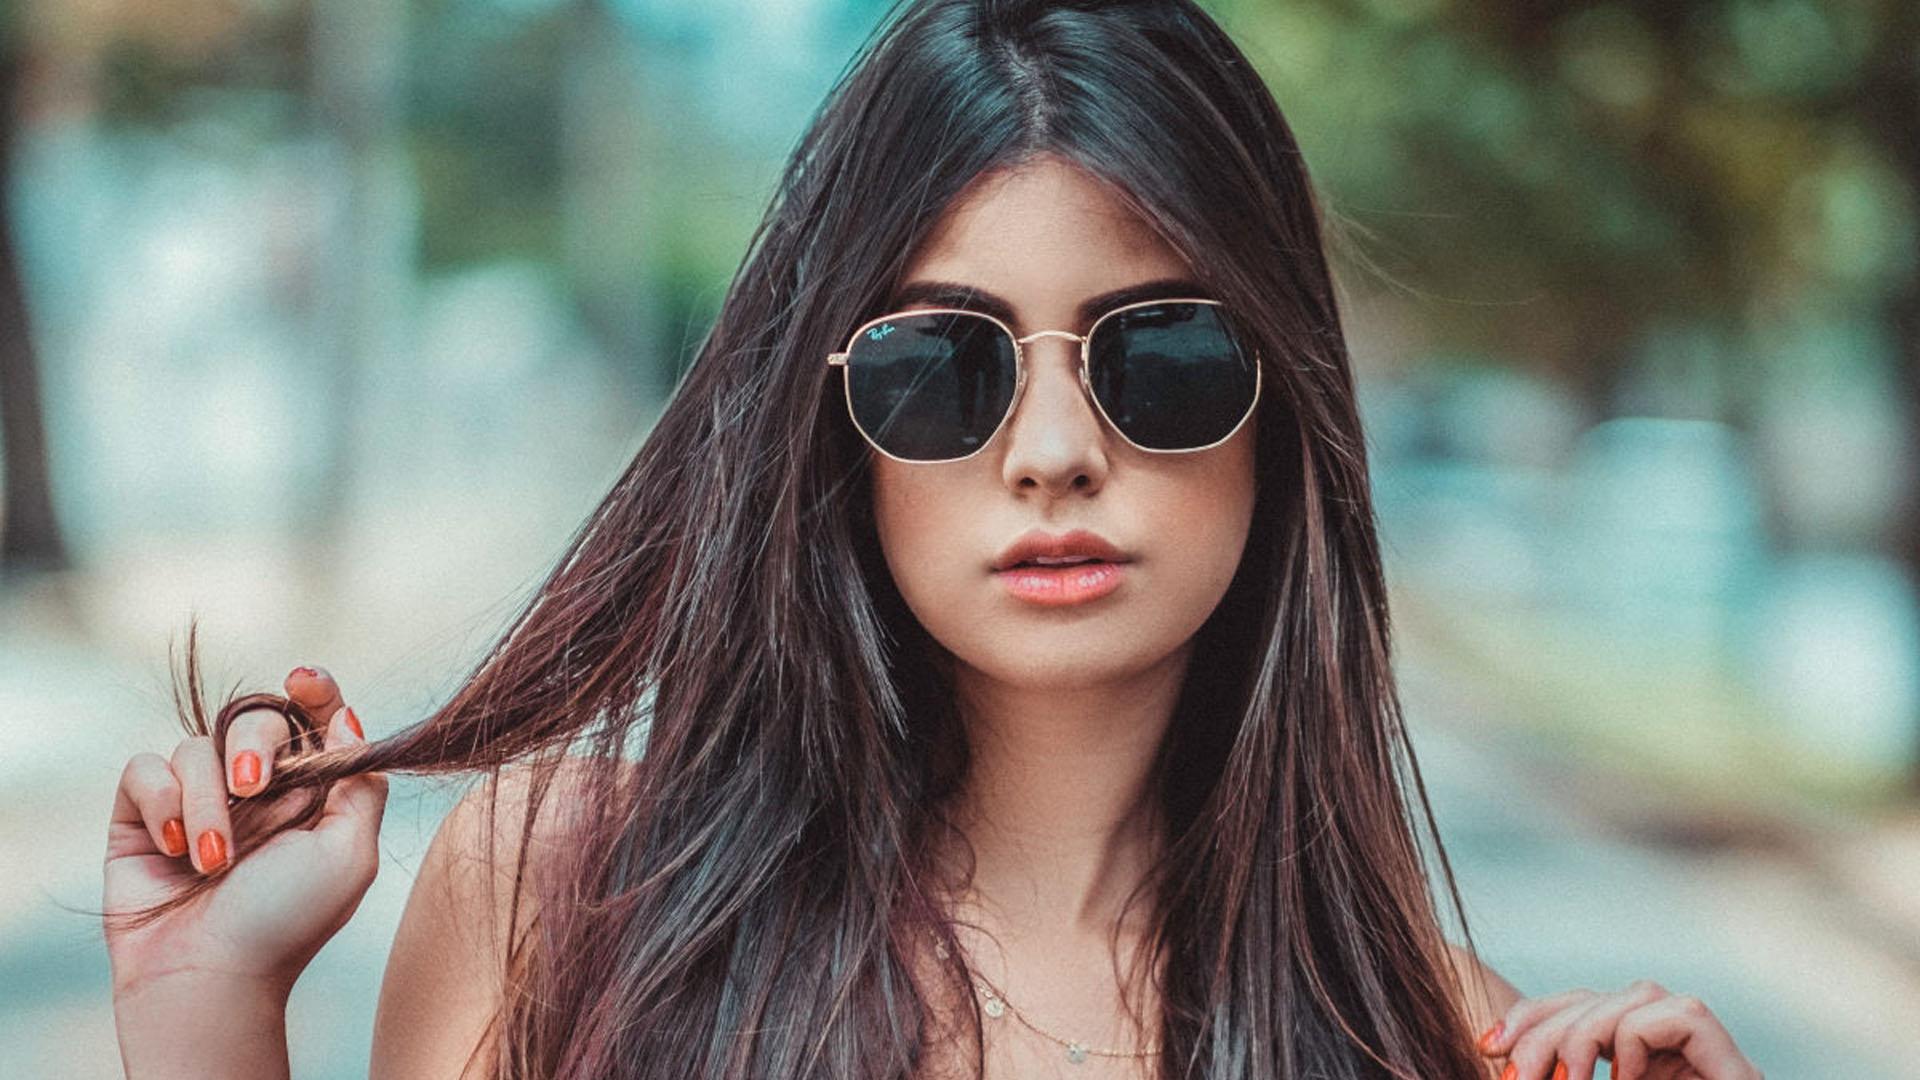 Te okulary kochają największe gwiazdy. Możesz je mieć, nie wydając fortuny!